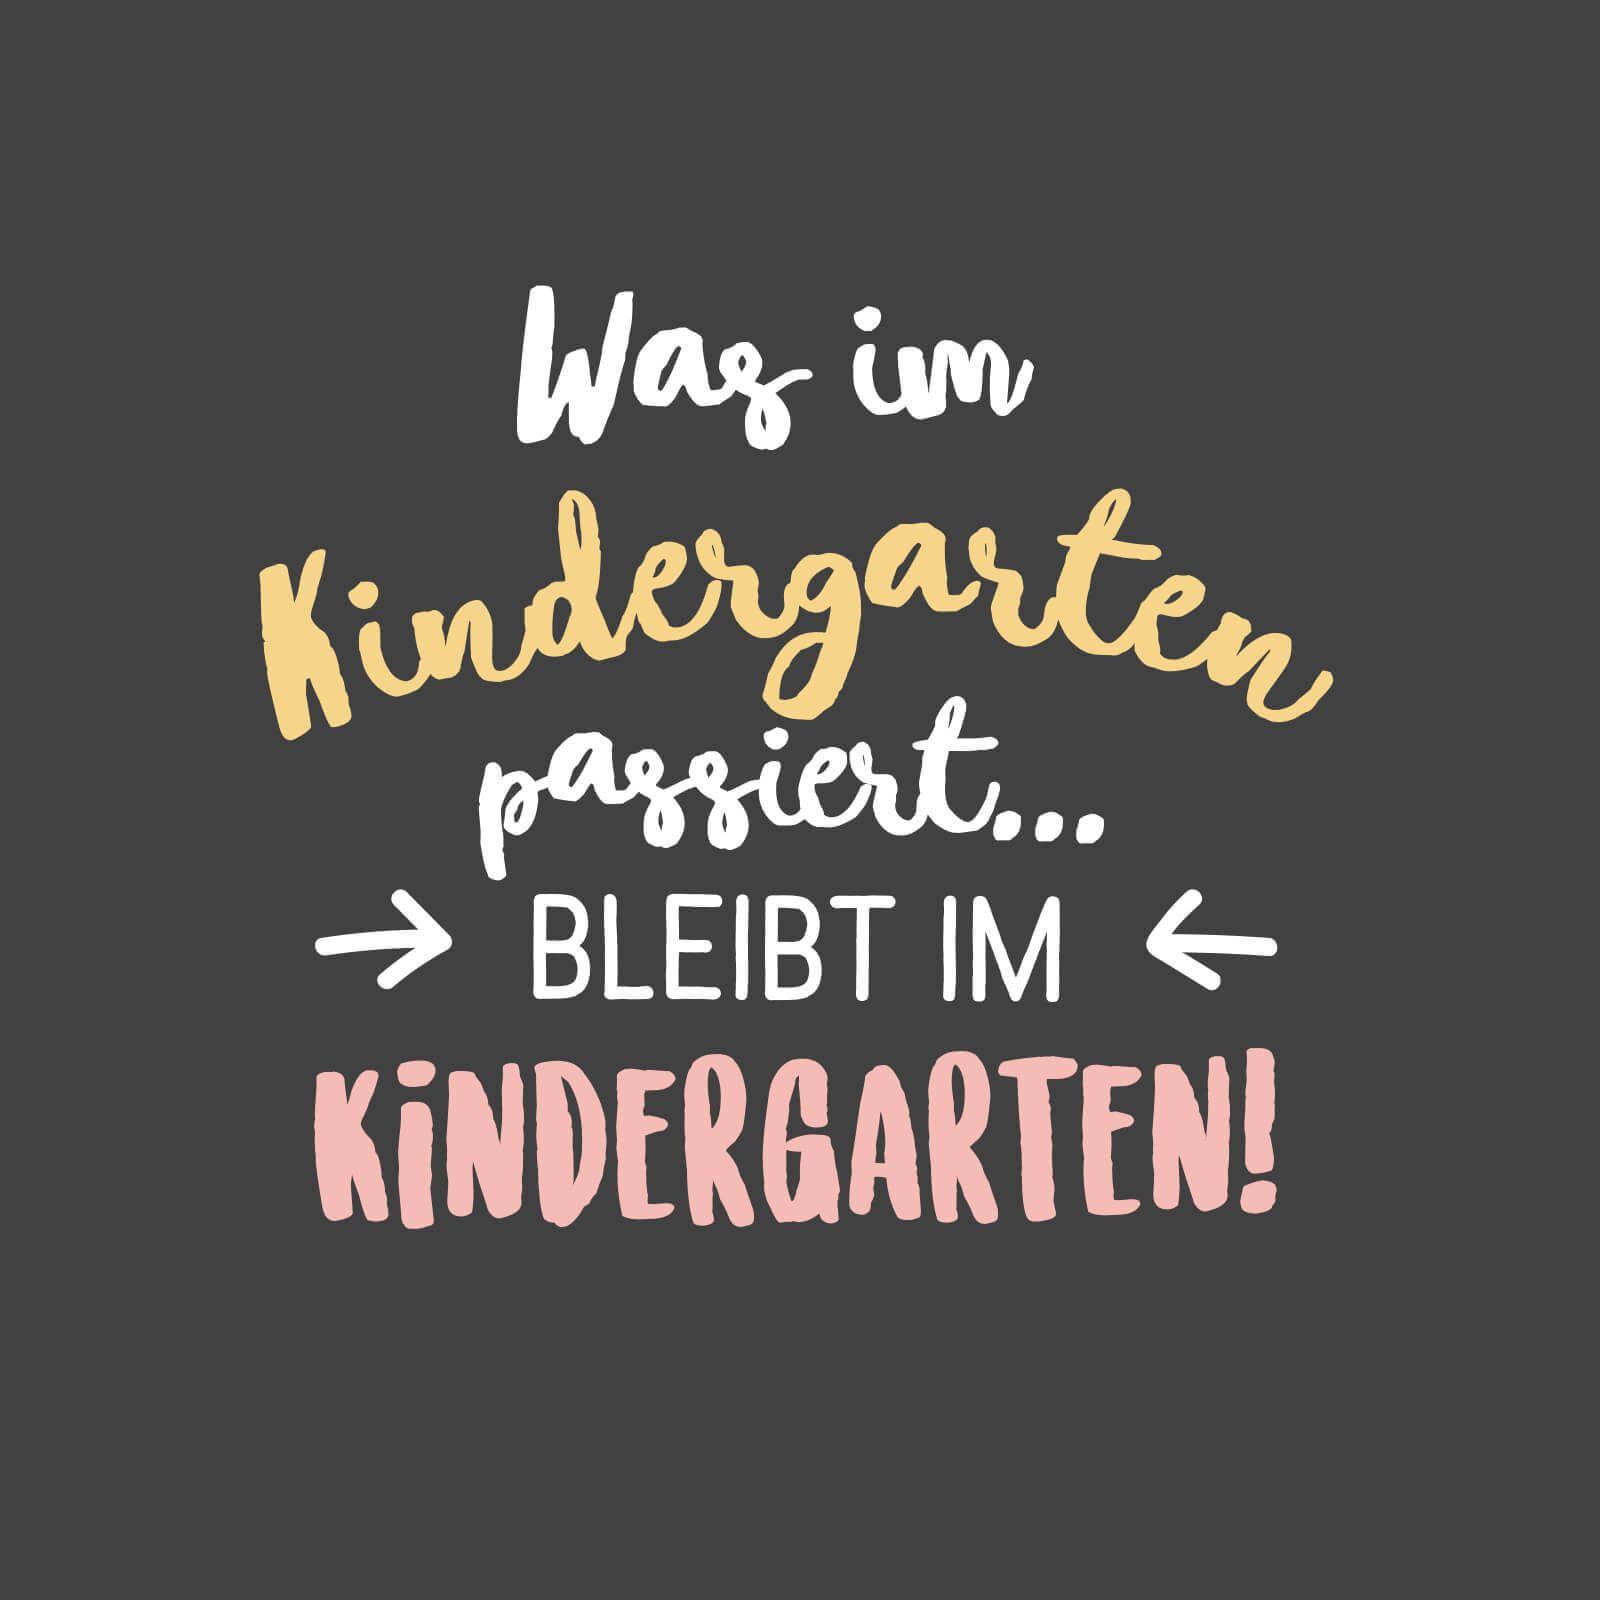 Abschiedsspruch Zum Kindergarten Abschied Was Im Kindergarten Passiert Bleibt Im Kindergarten Abschiedsspruche Geschenke Zum Abschied Kindergarten